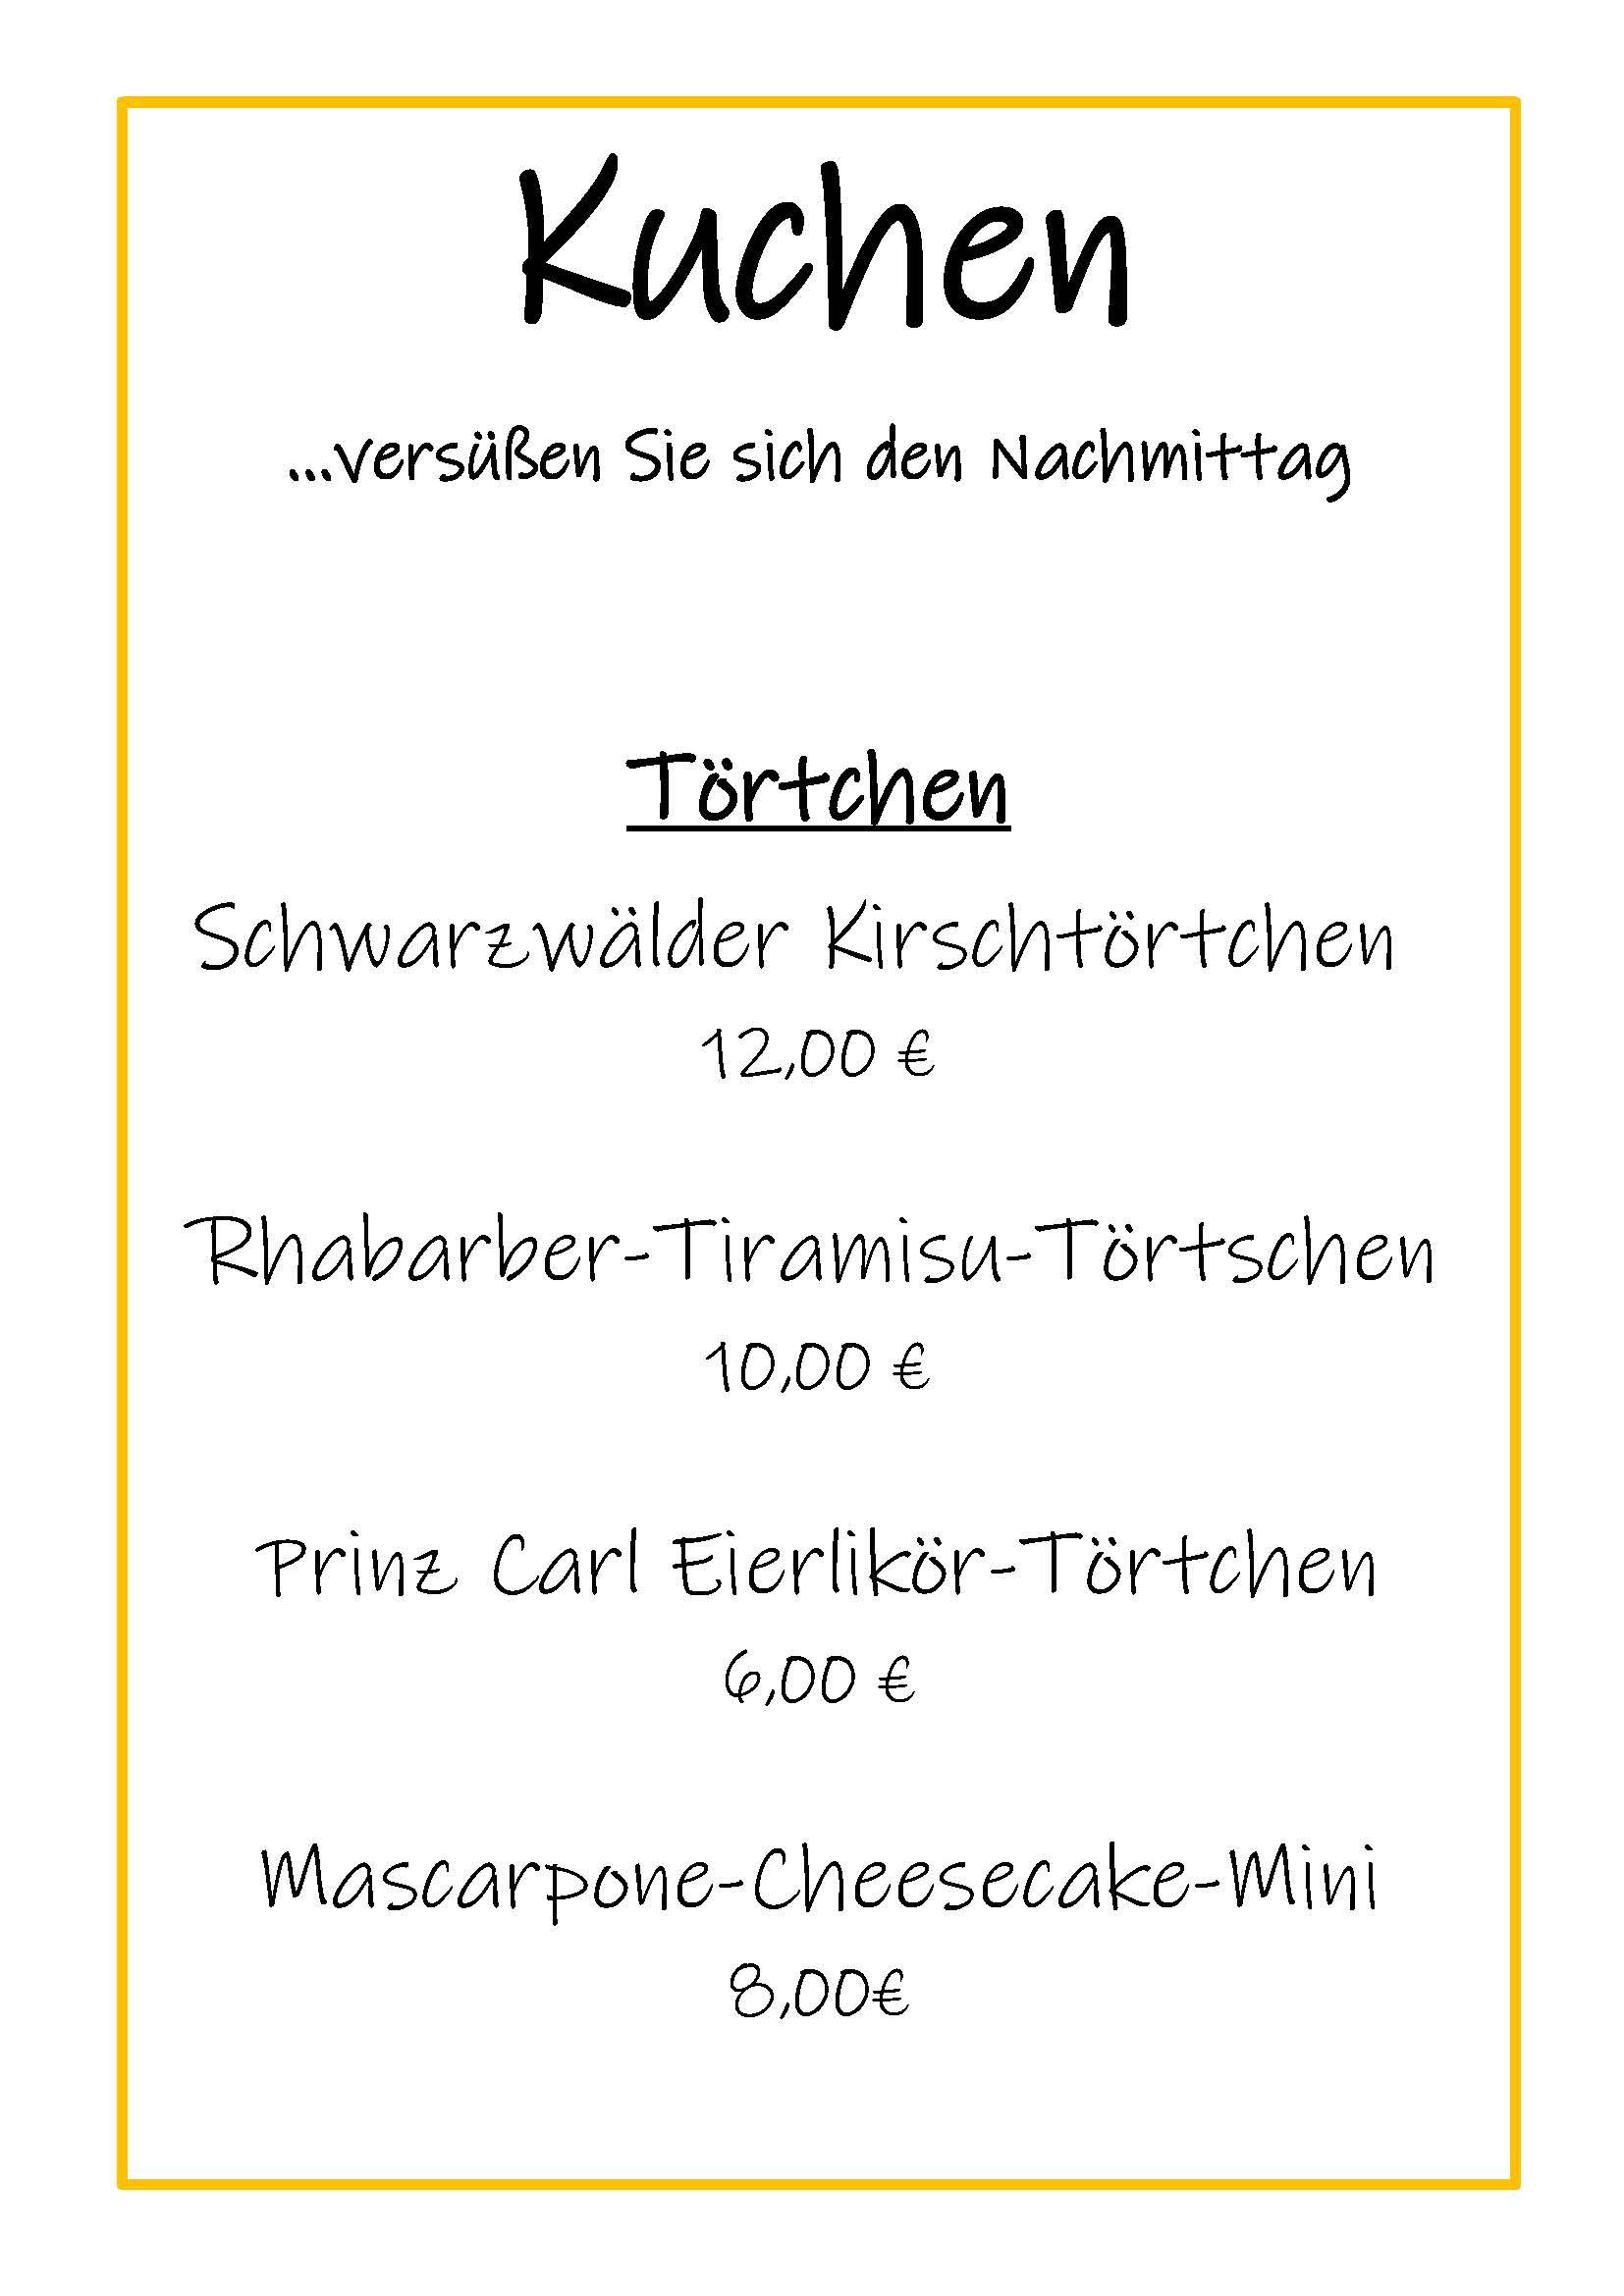 Kuchekarte Prinz Carl